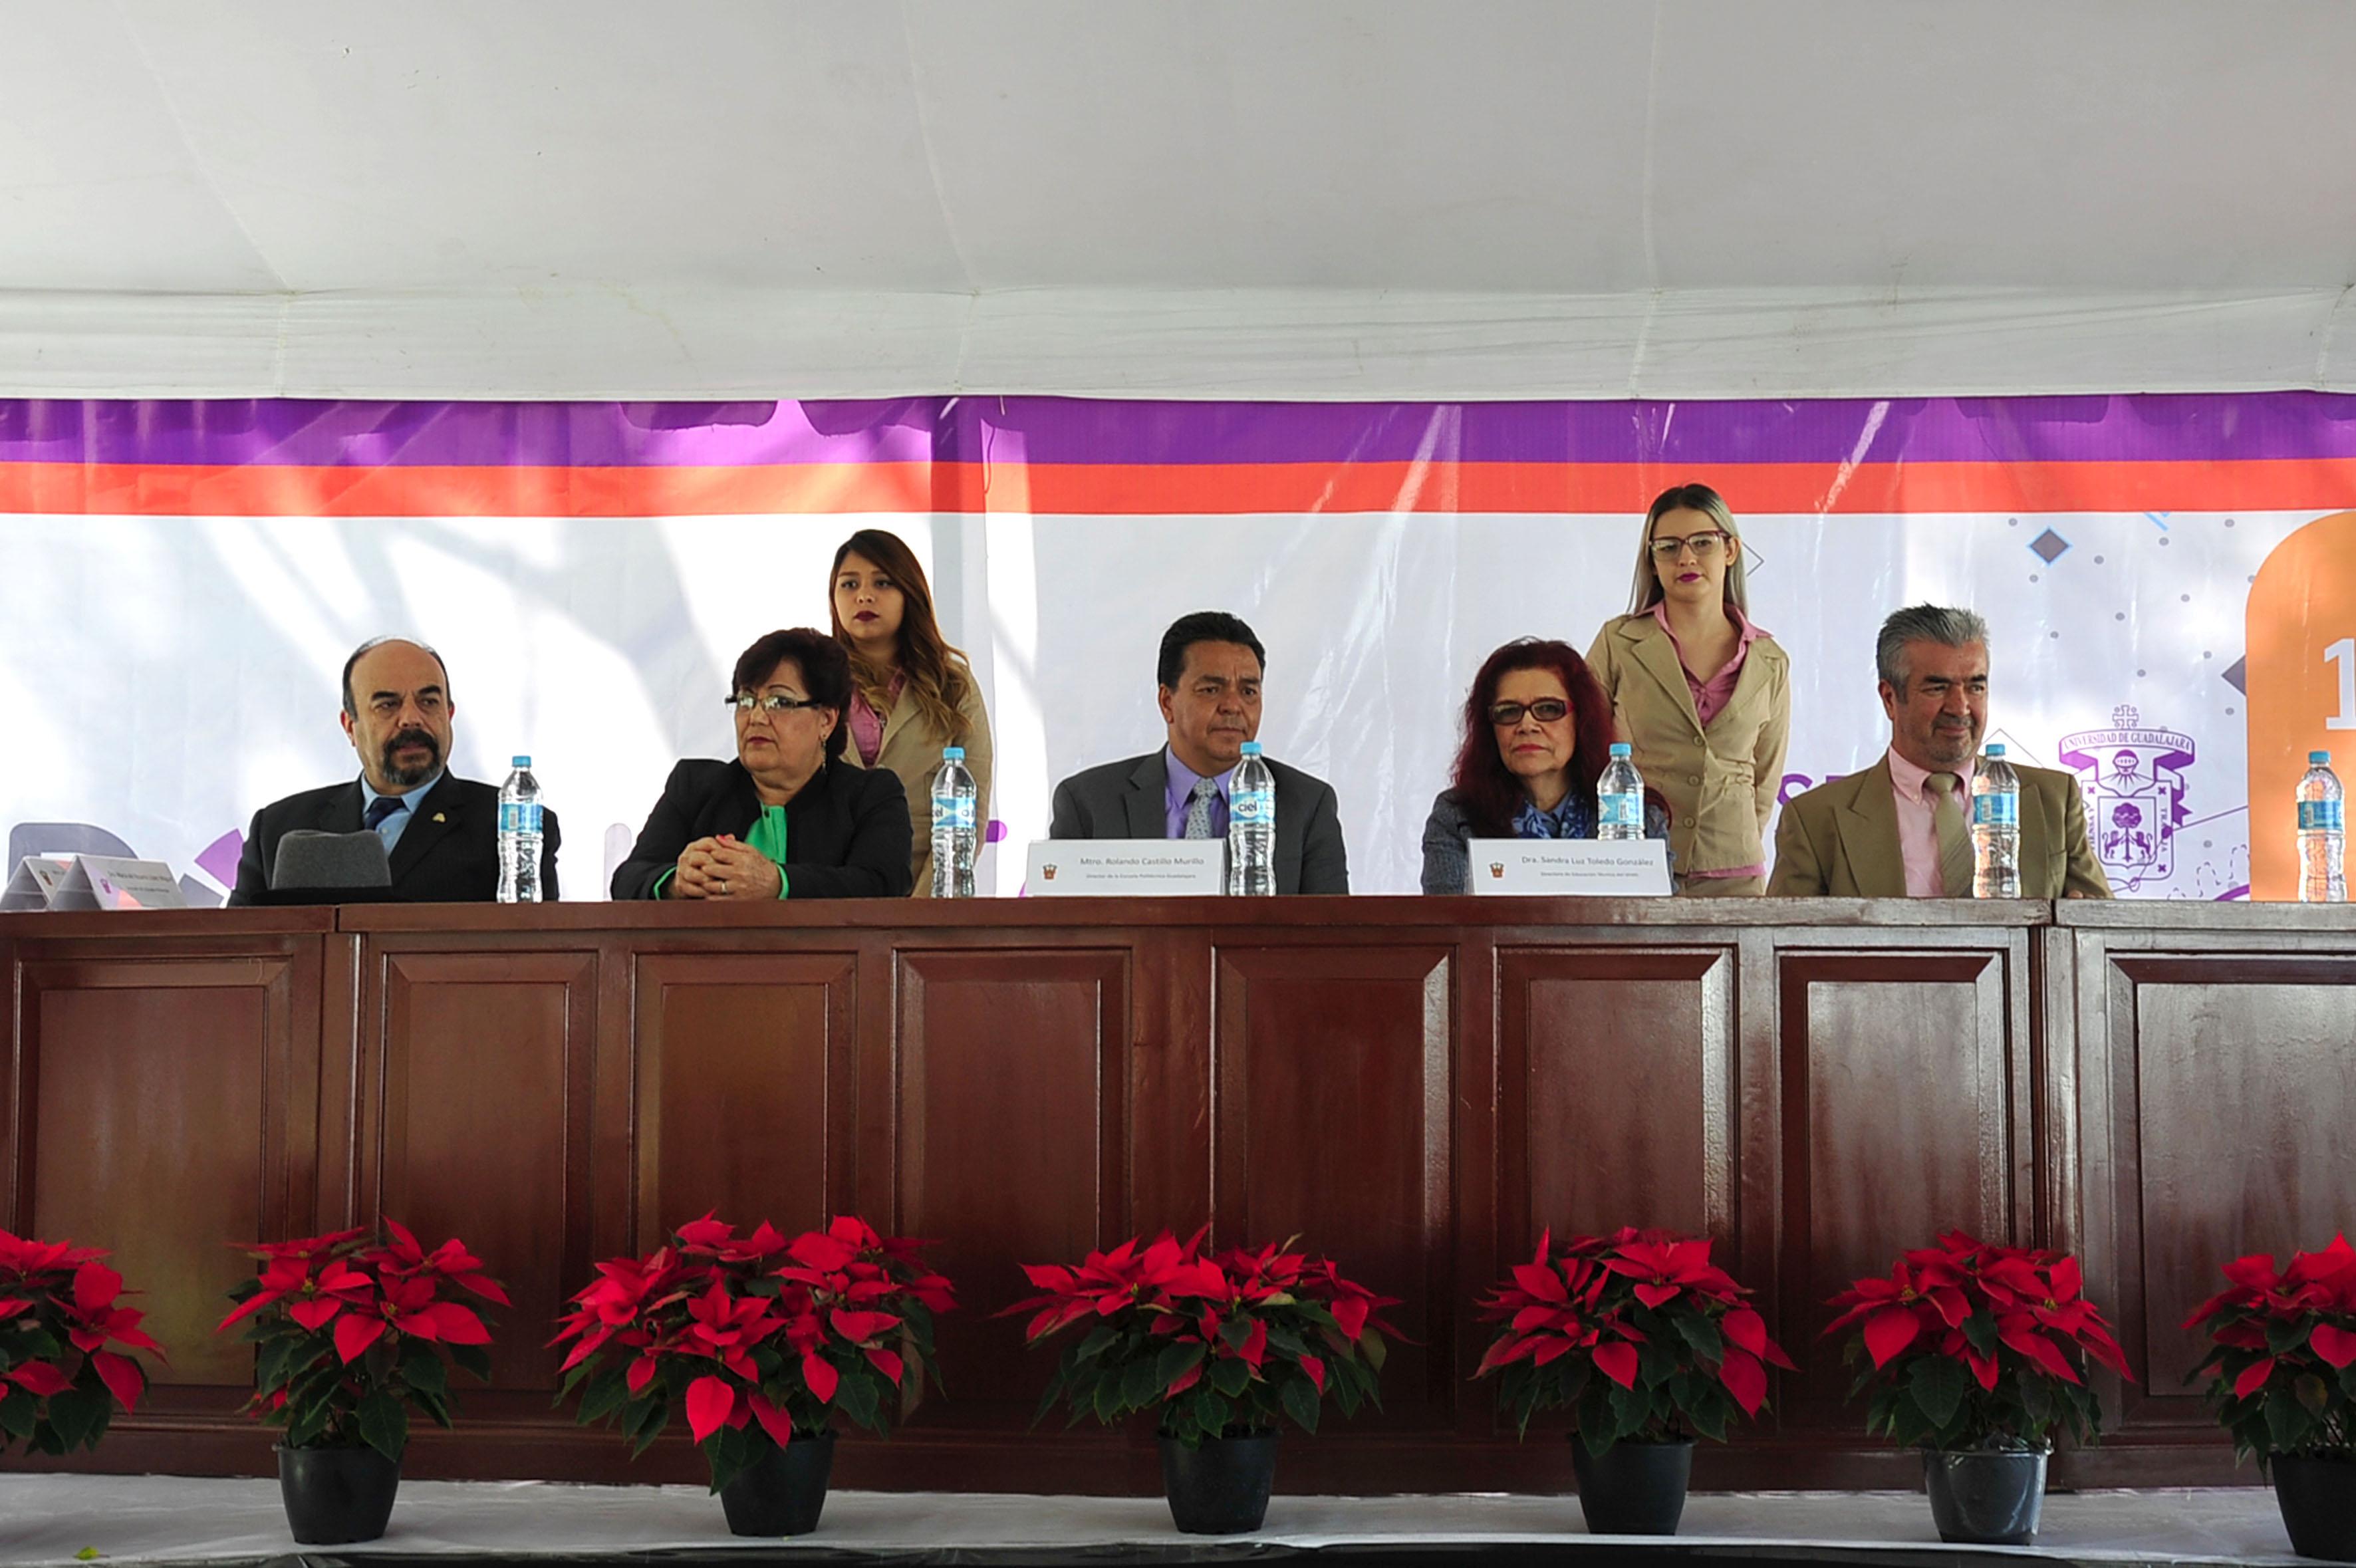 Autoridades de educación media superior de la Universidad de Guadalajara, emprendedores y empresarios, entre los miembros participantes en la inaguración de la Feria de innovación Expolitec 2016.